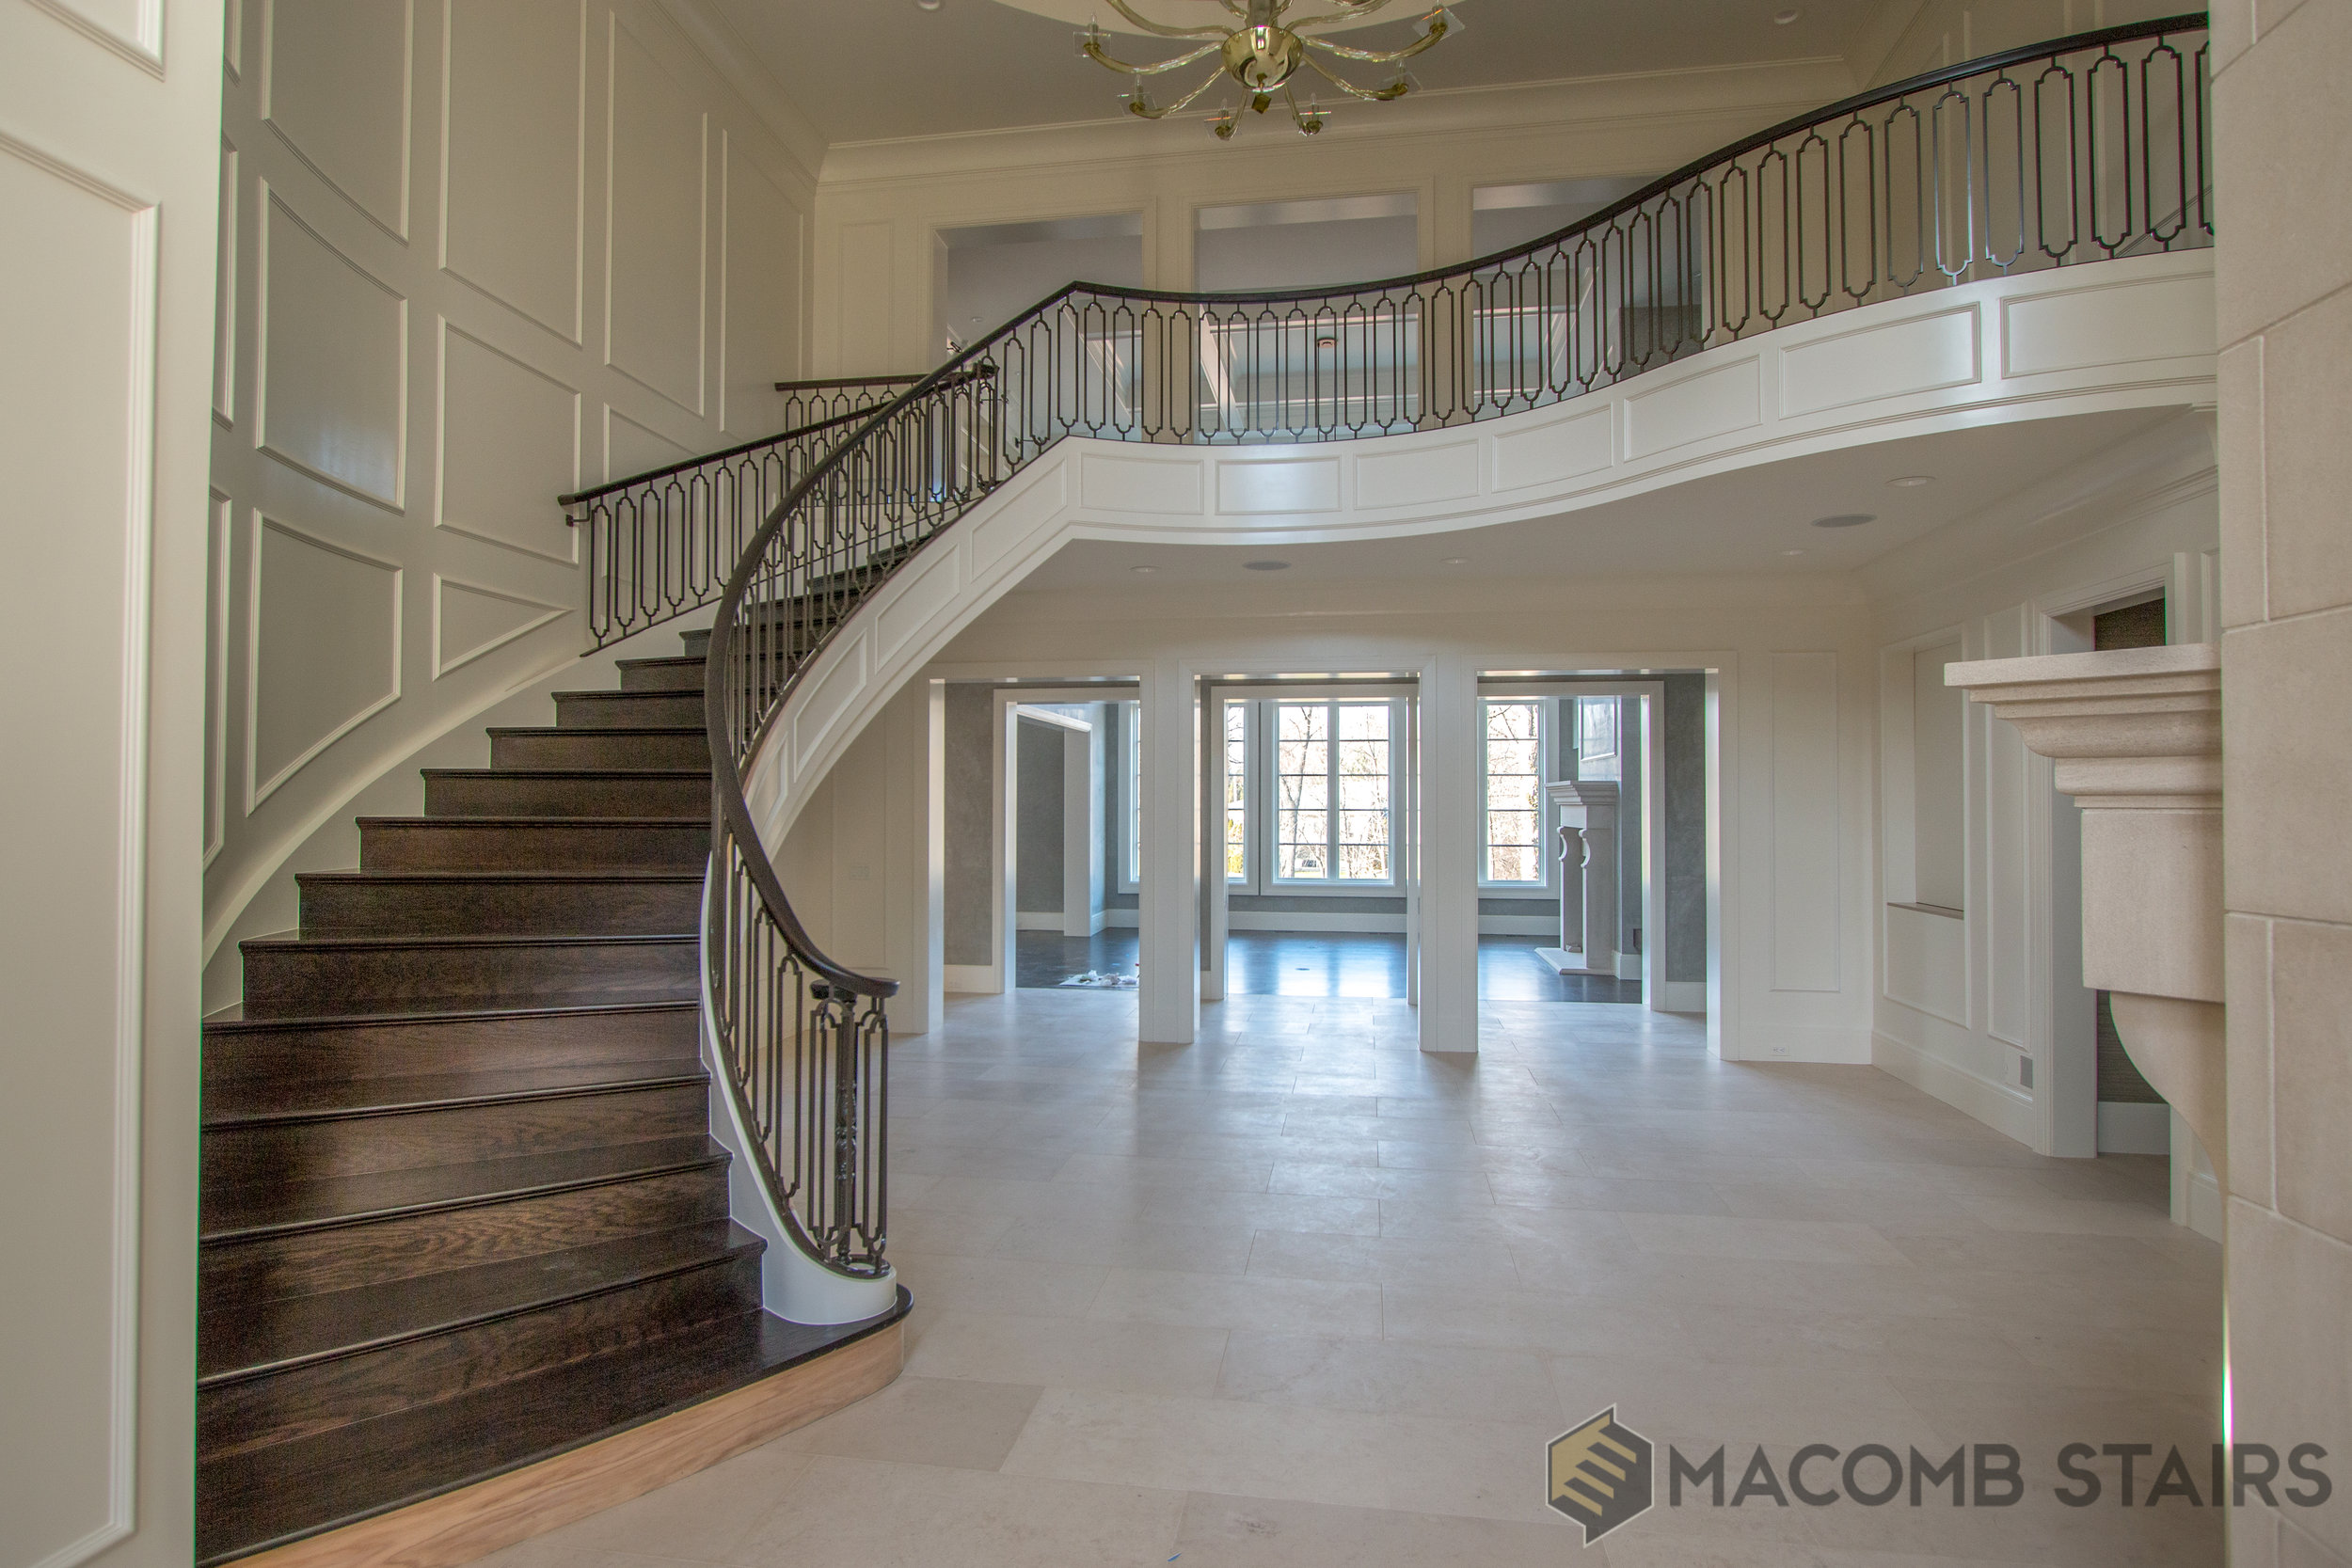 Macomb Stairs- Stair Photo-61.jpg